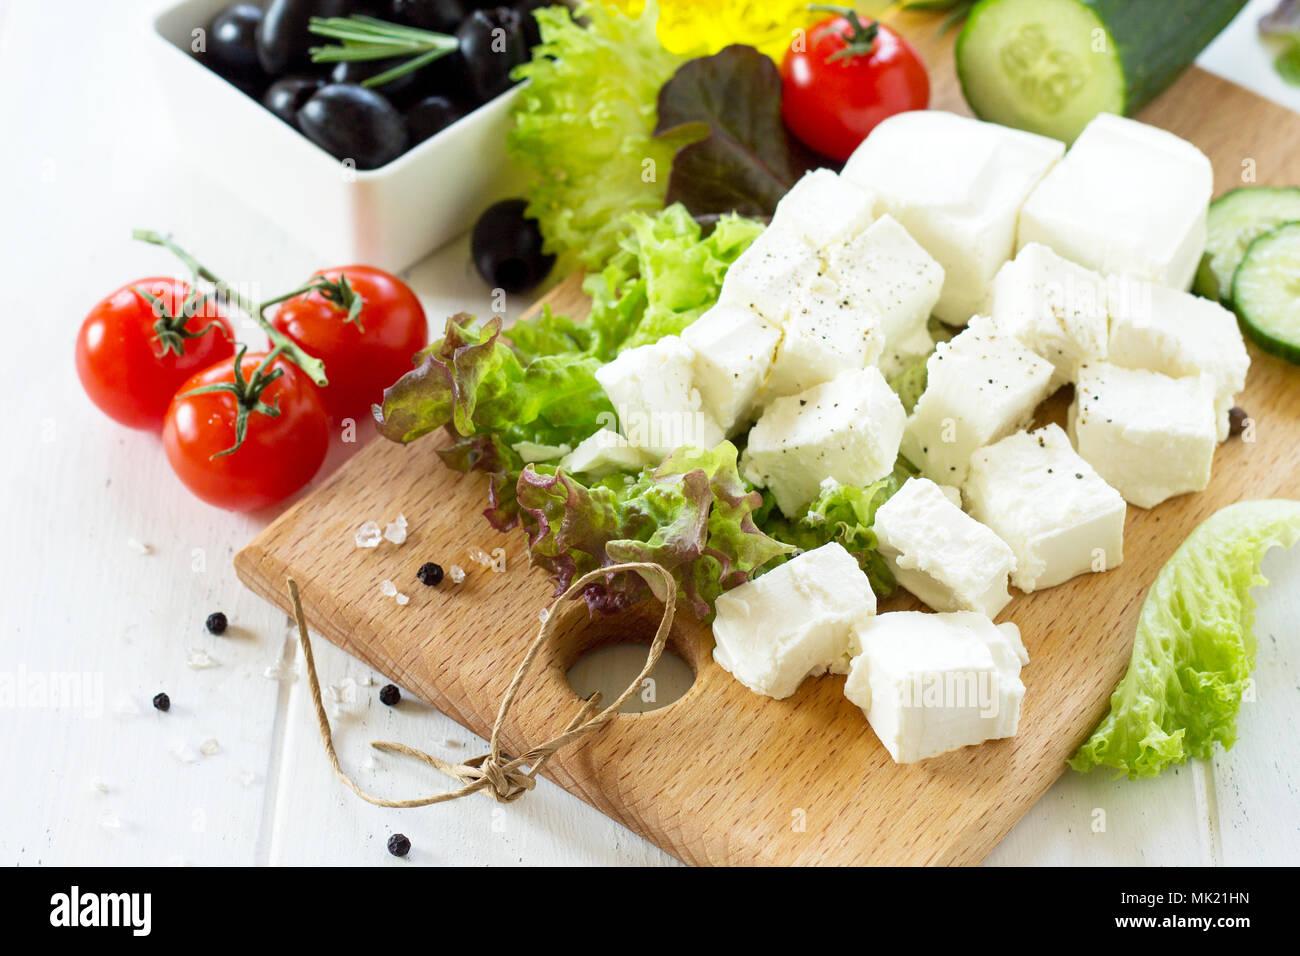 Feta et d'olives noires, de cuisine salade qreek avec légumes frais sur une table en bois blanc. Photo Stock